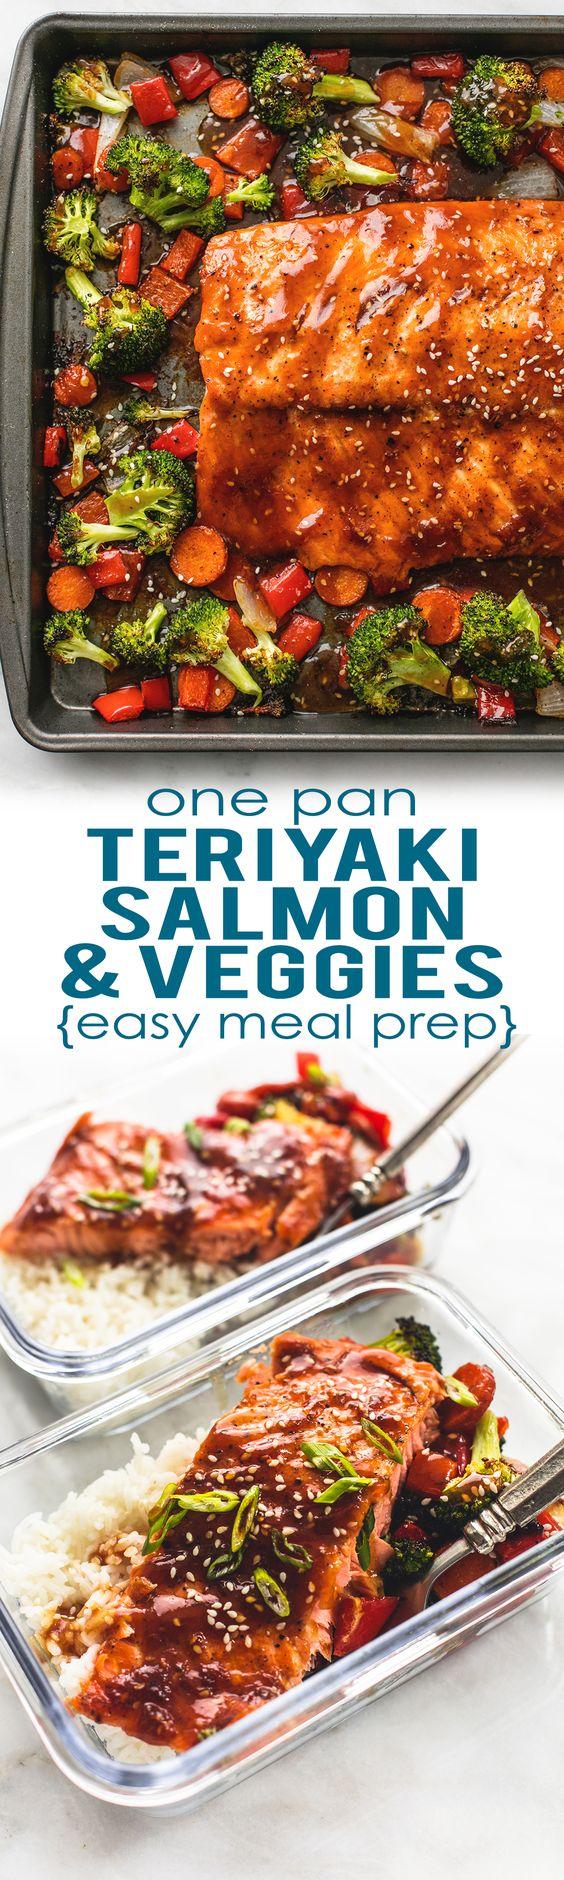 e Pan Baked Teriyaki Salmon and Vegetables by Creme de la Crumb